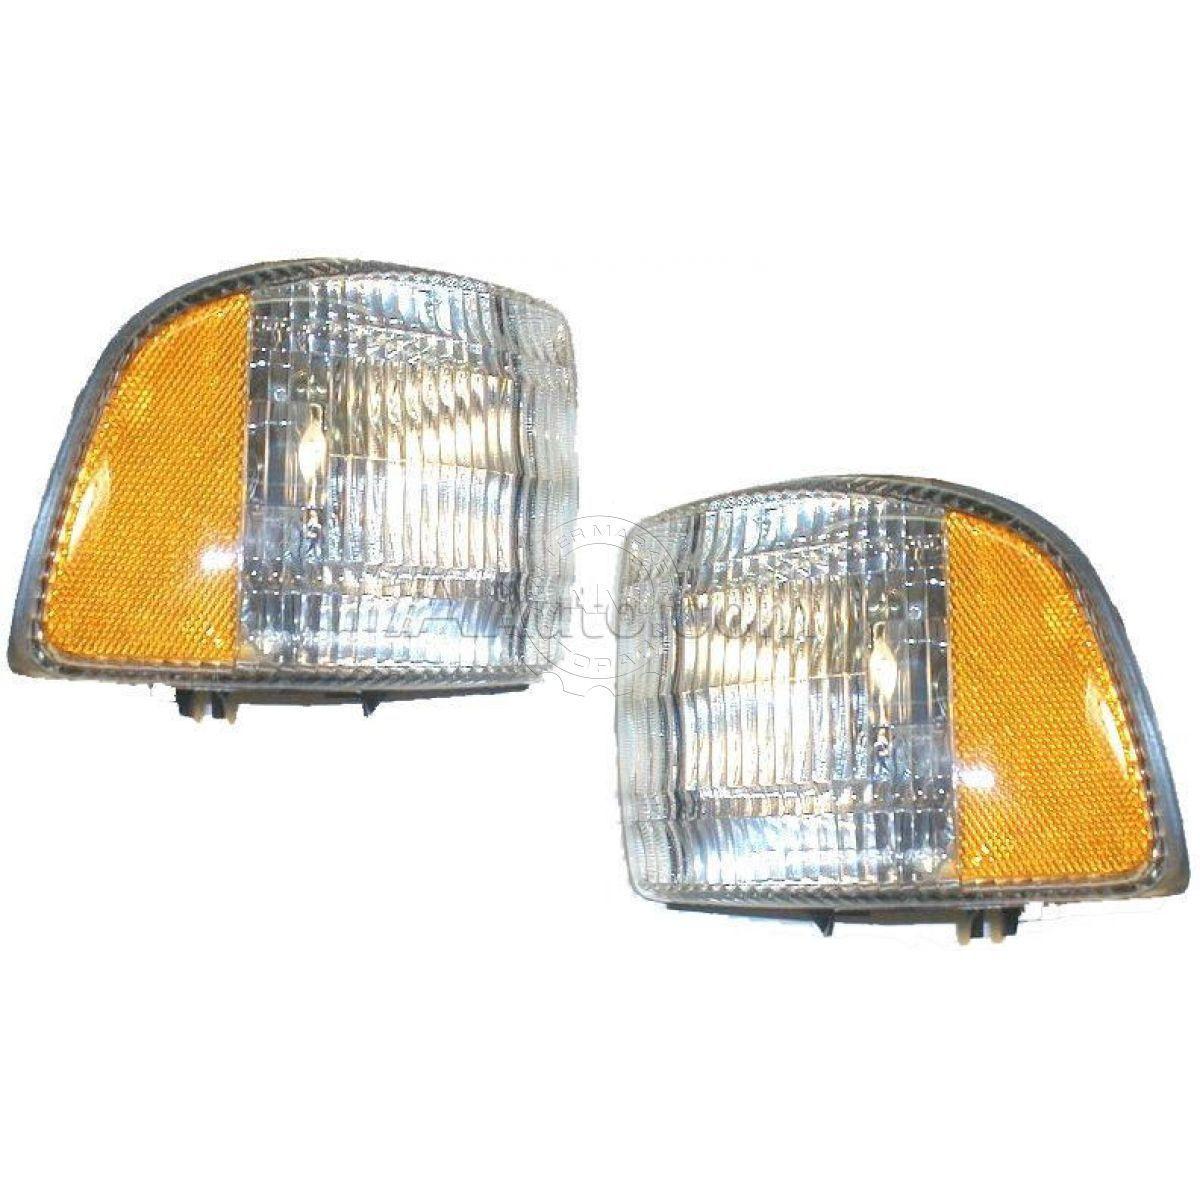 コーナーライト Corner Parking Marker Light LH RH Pair Set for Dodge Ram 1500 2500 3500 コーナーパーキングマーカーライトLH RHペアドッジラム用セット1500 2500 3500